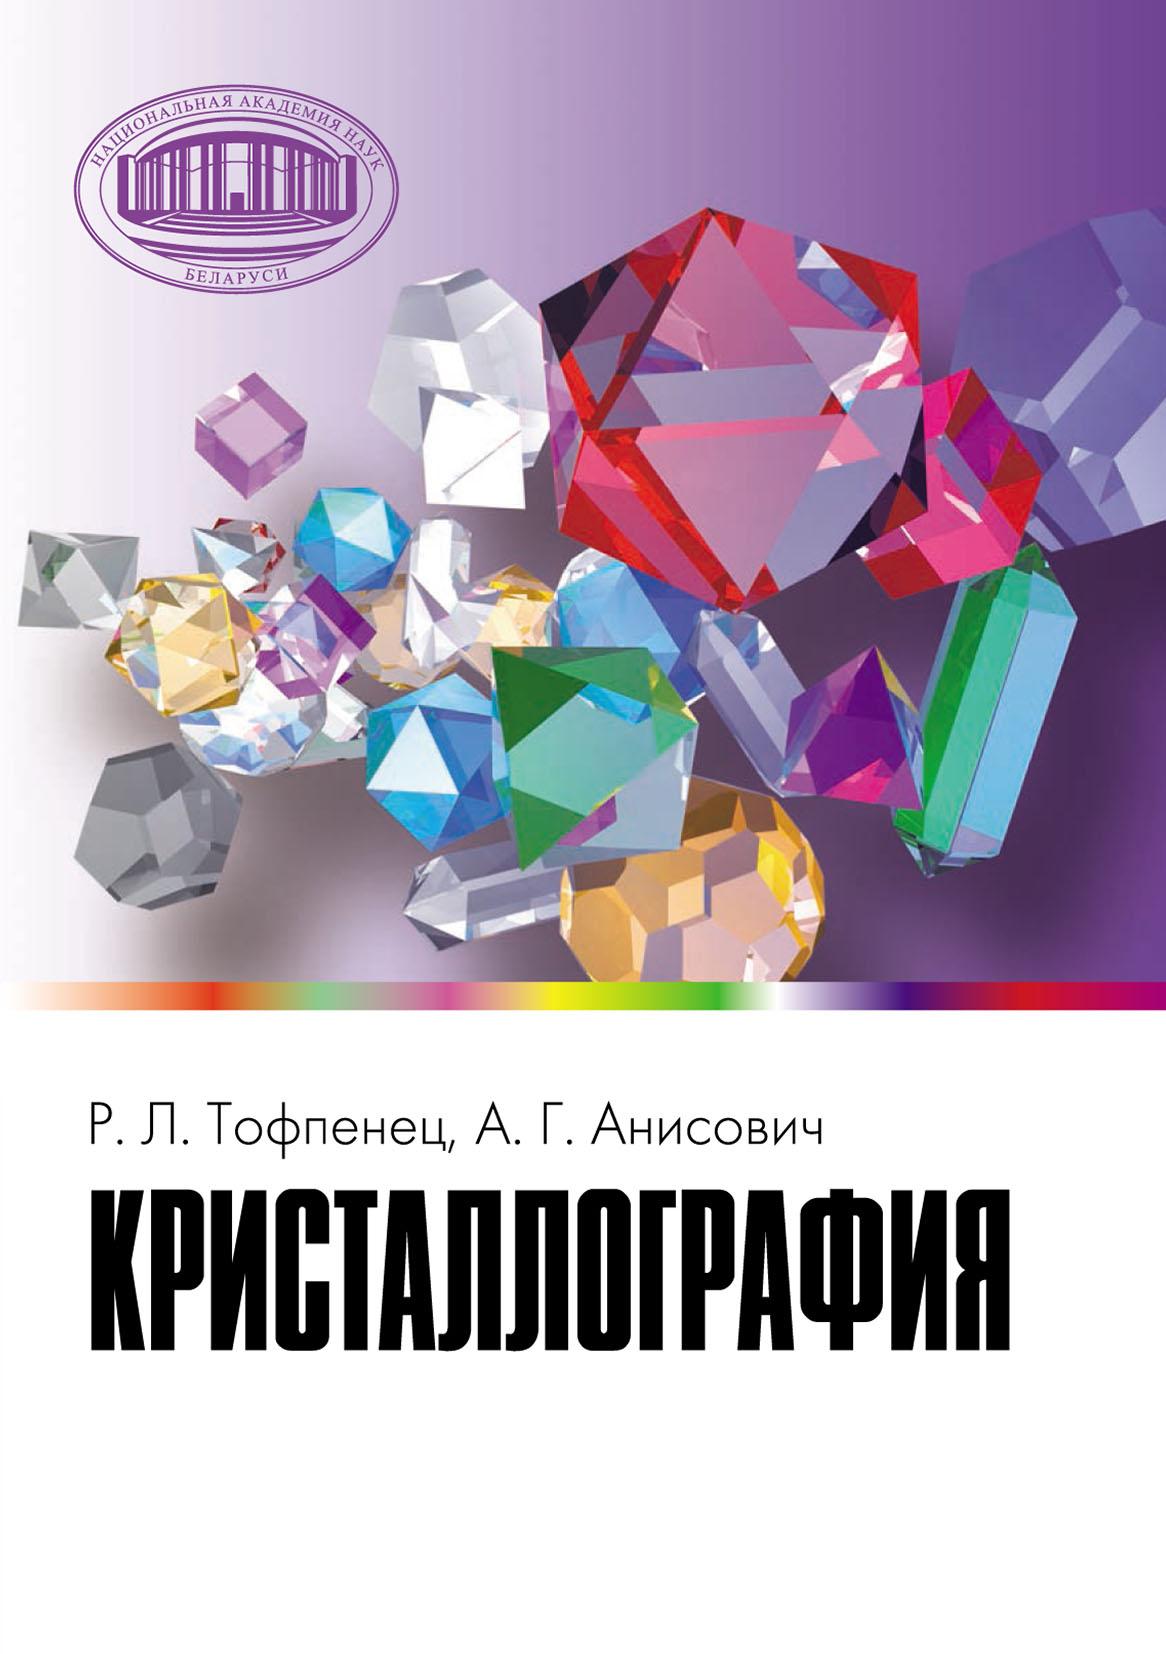 Купить книгу Кристаллография, автора А. Г. Анисович